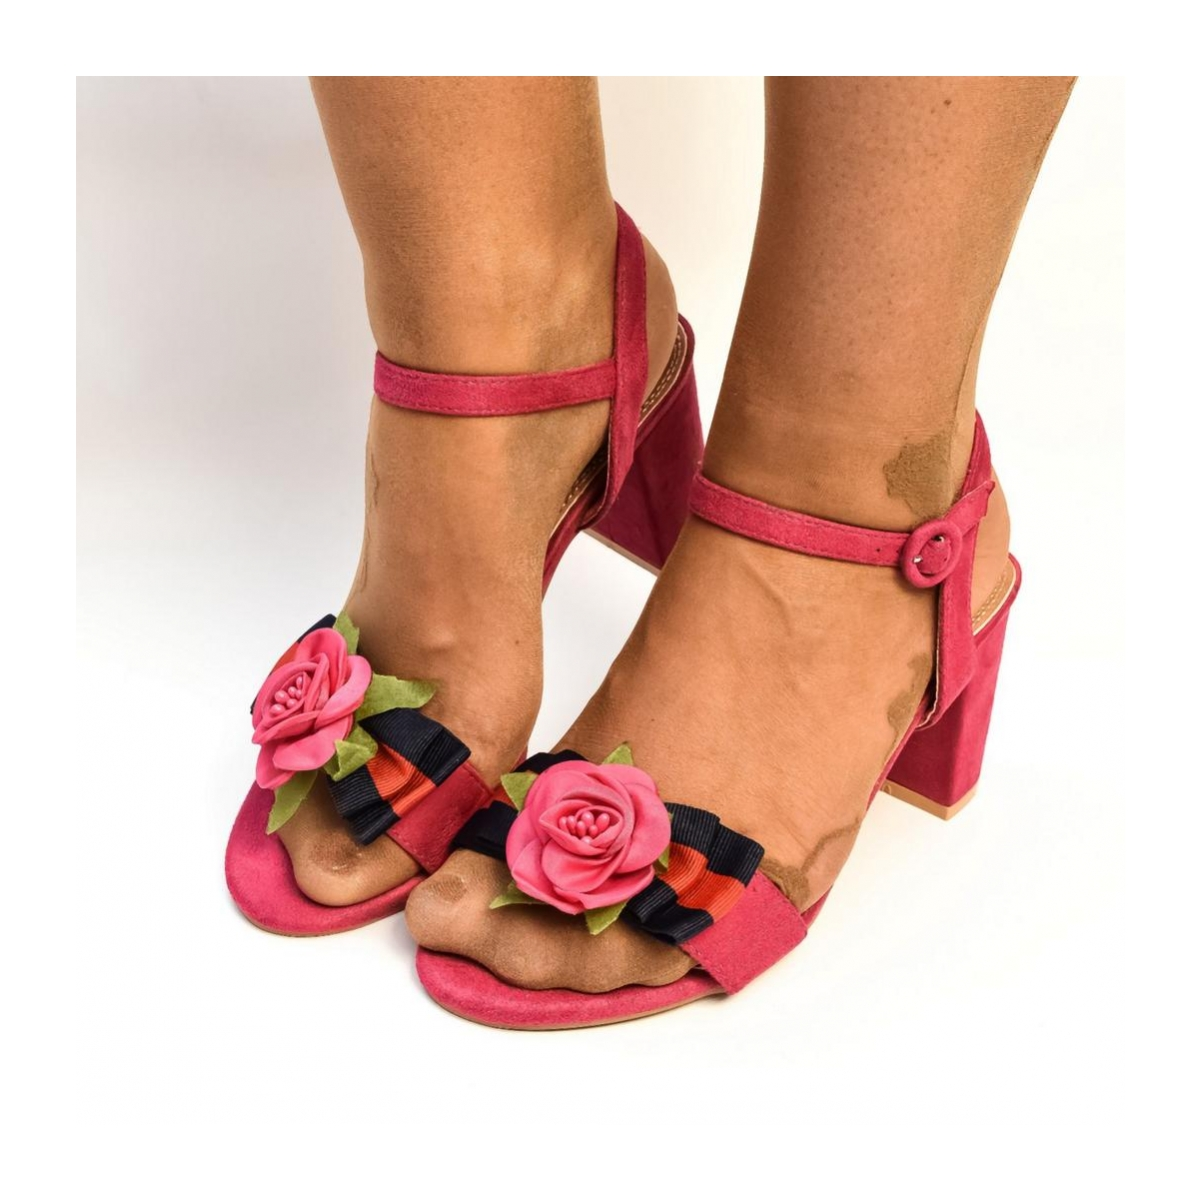 9c05ca2ee32c7 Dámske cyklamenové sandále LITEN | Johnc.sk